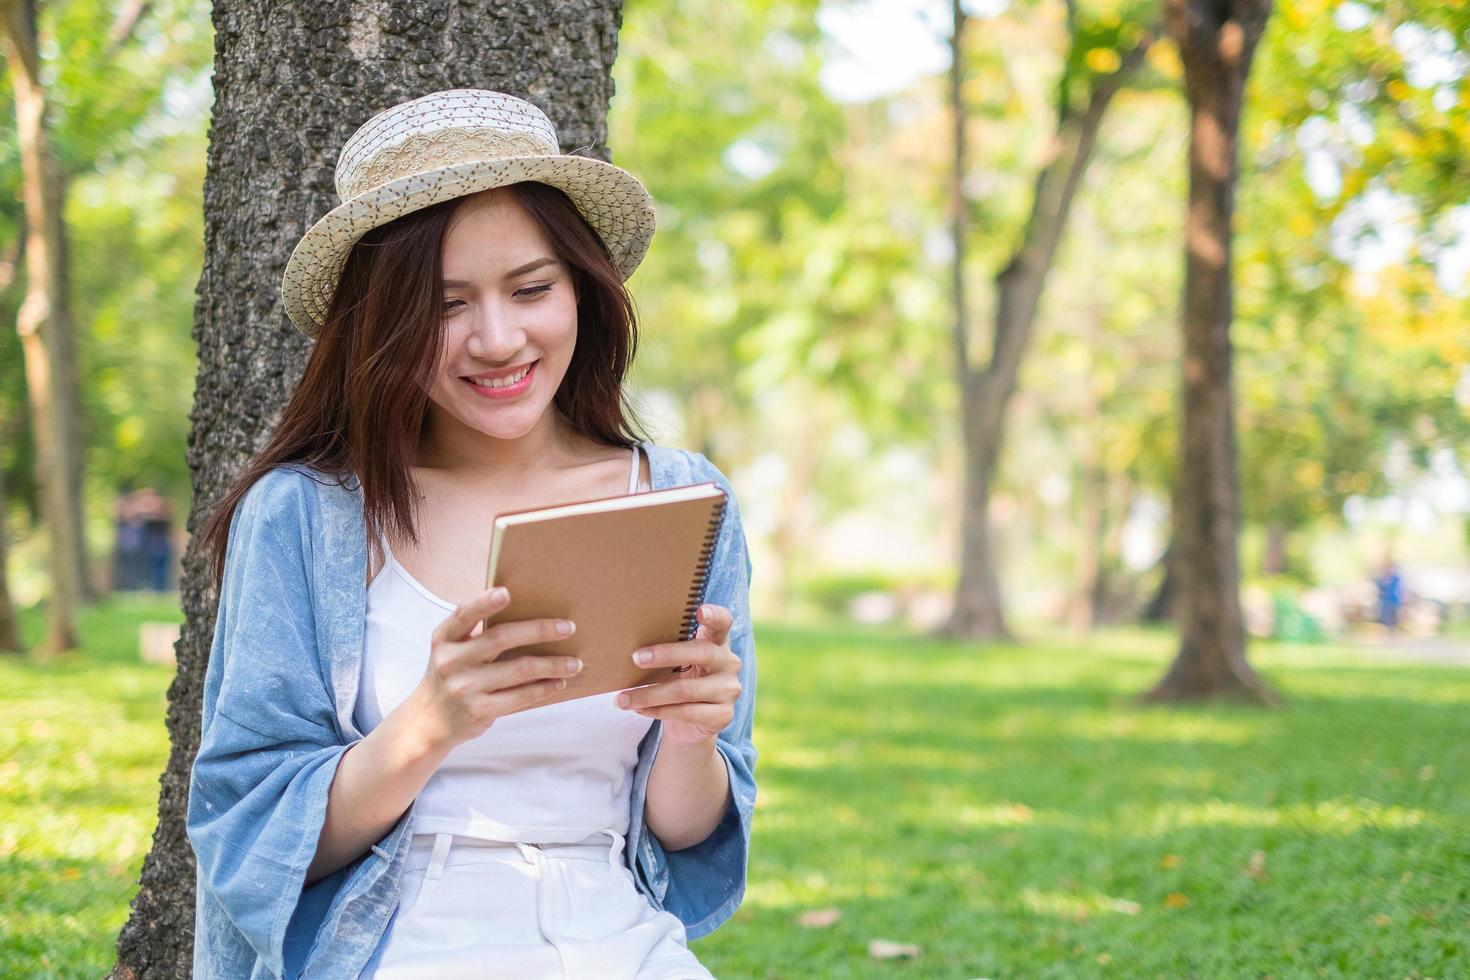 vrouw kijken naar notebook in park foto